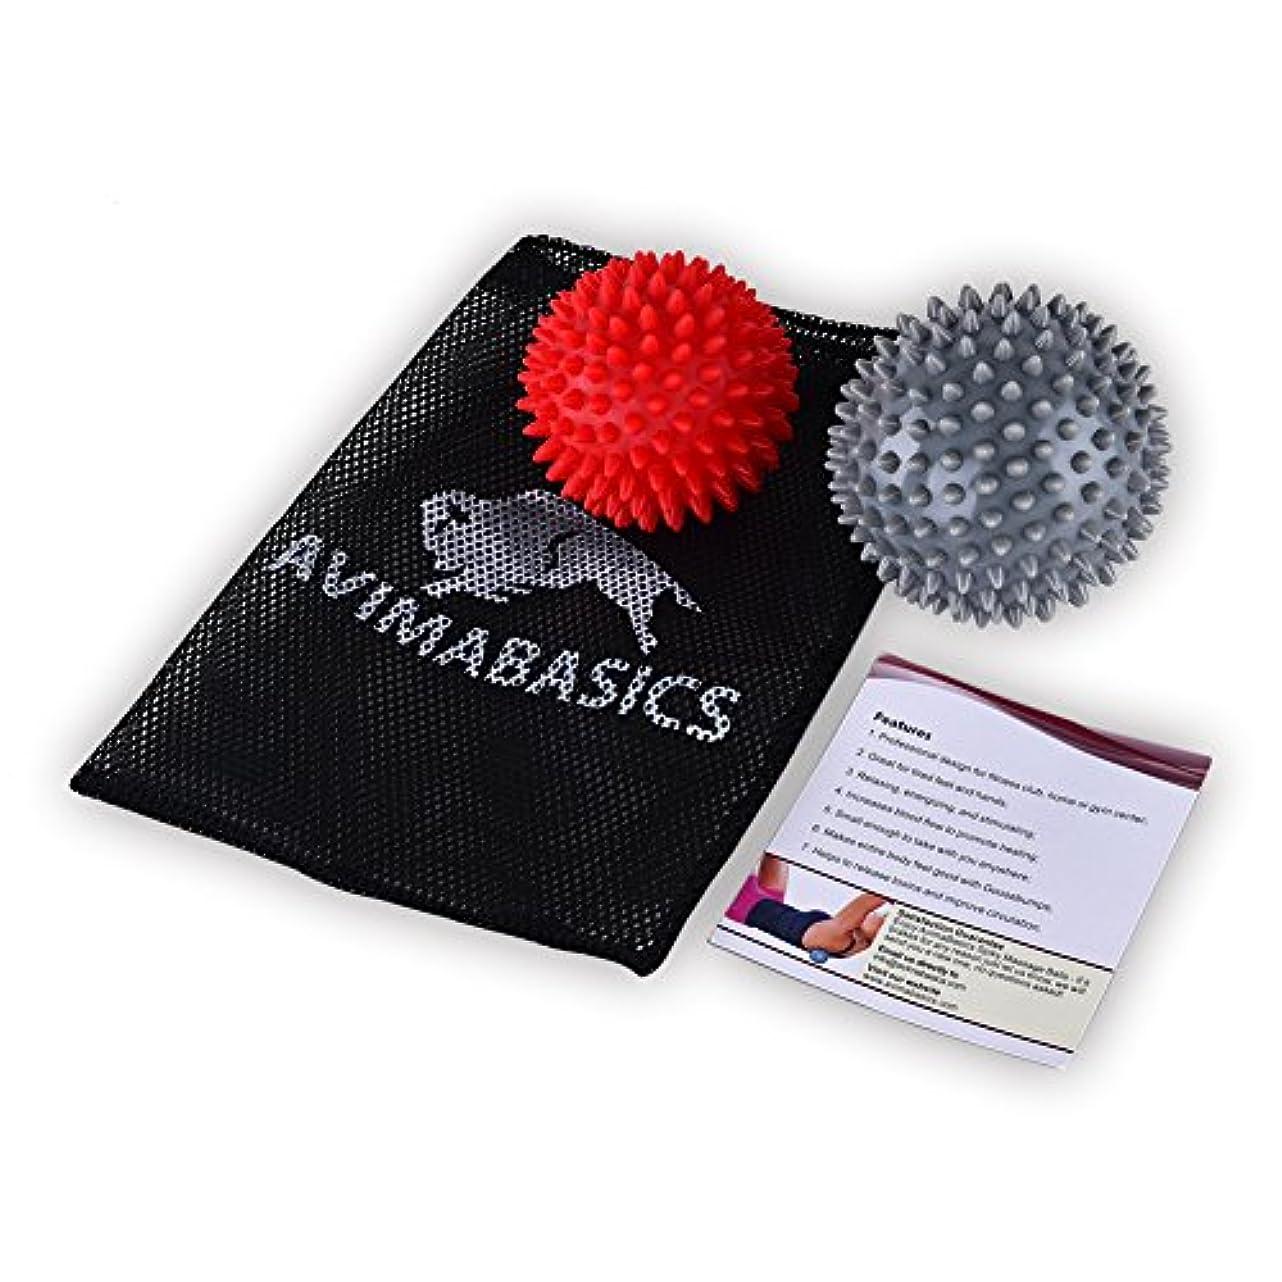 雑草に渡って奪う#1 BEST Spiky Massage Balls Reflexology Foot Body Arm Pain Stress Relief Trigger Point Sport Hand Exercise Muscle...